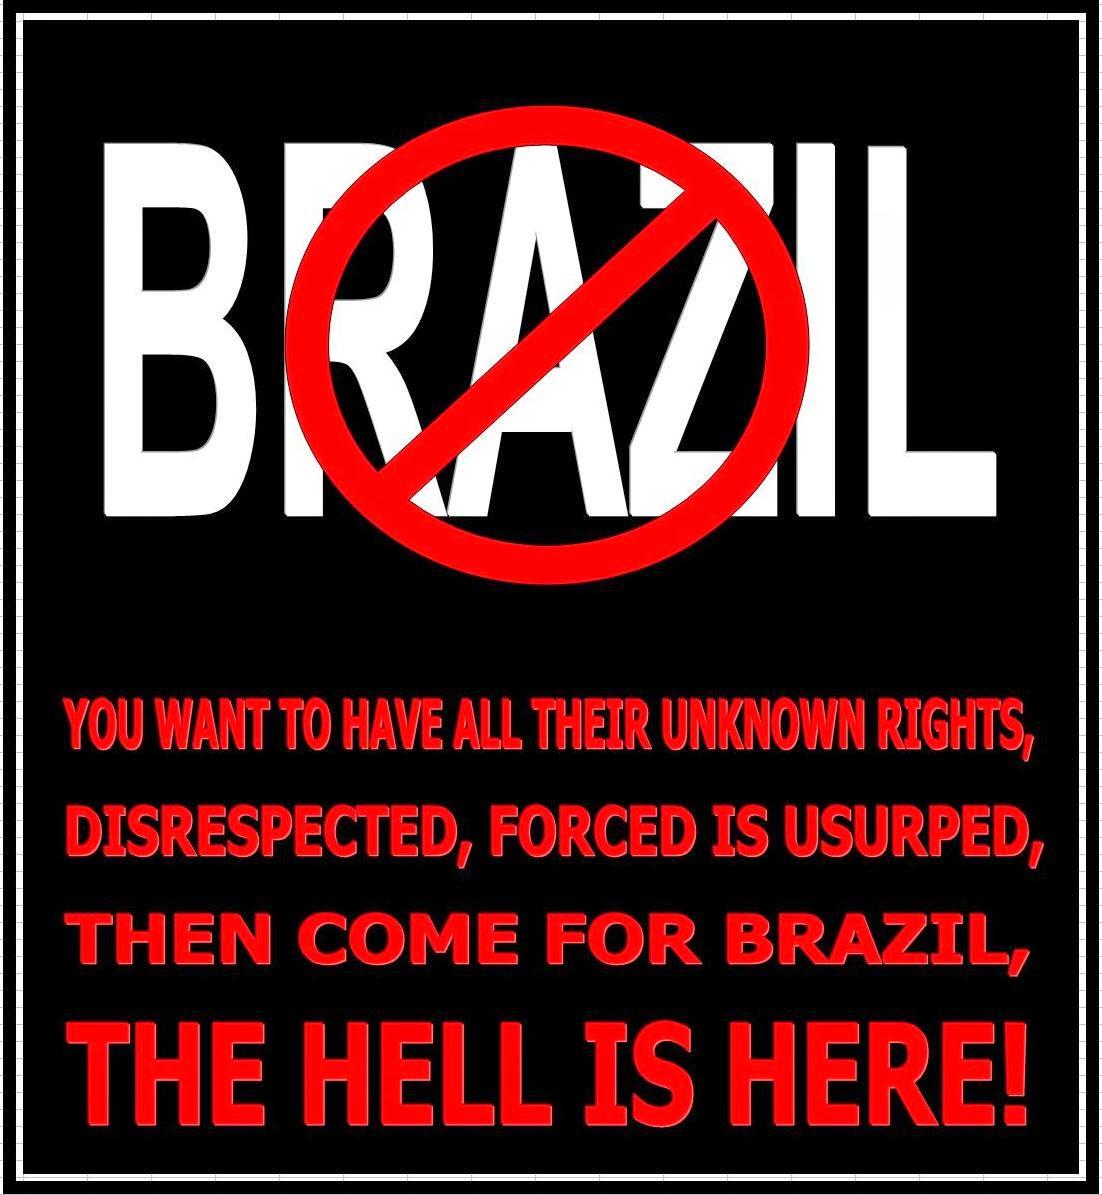 BRAZIL, O INFERNO É AQUI